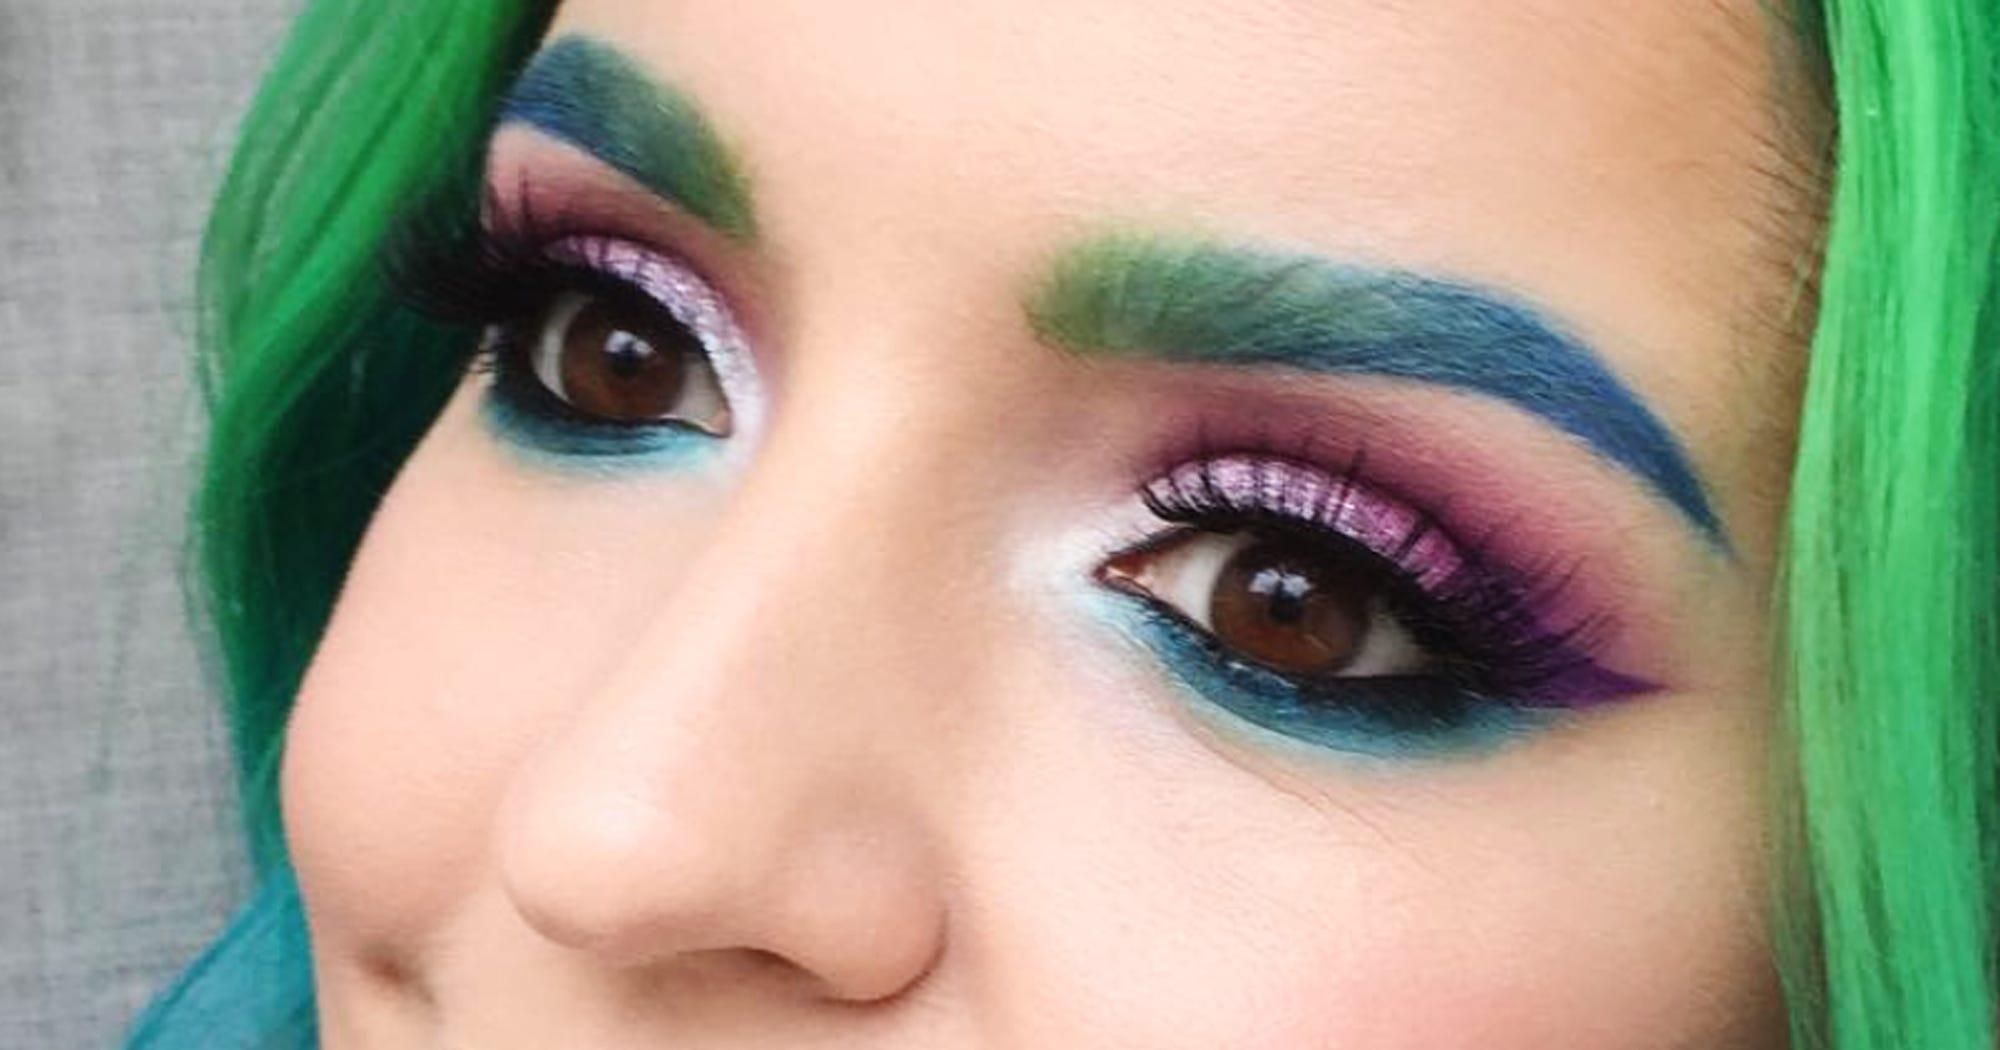 Halsey Eyebrows: Rainbow Eyebrows Fashion Craze